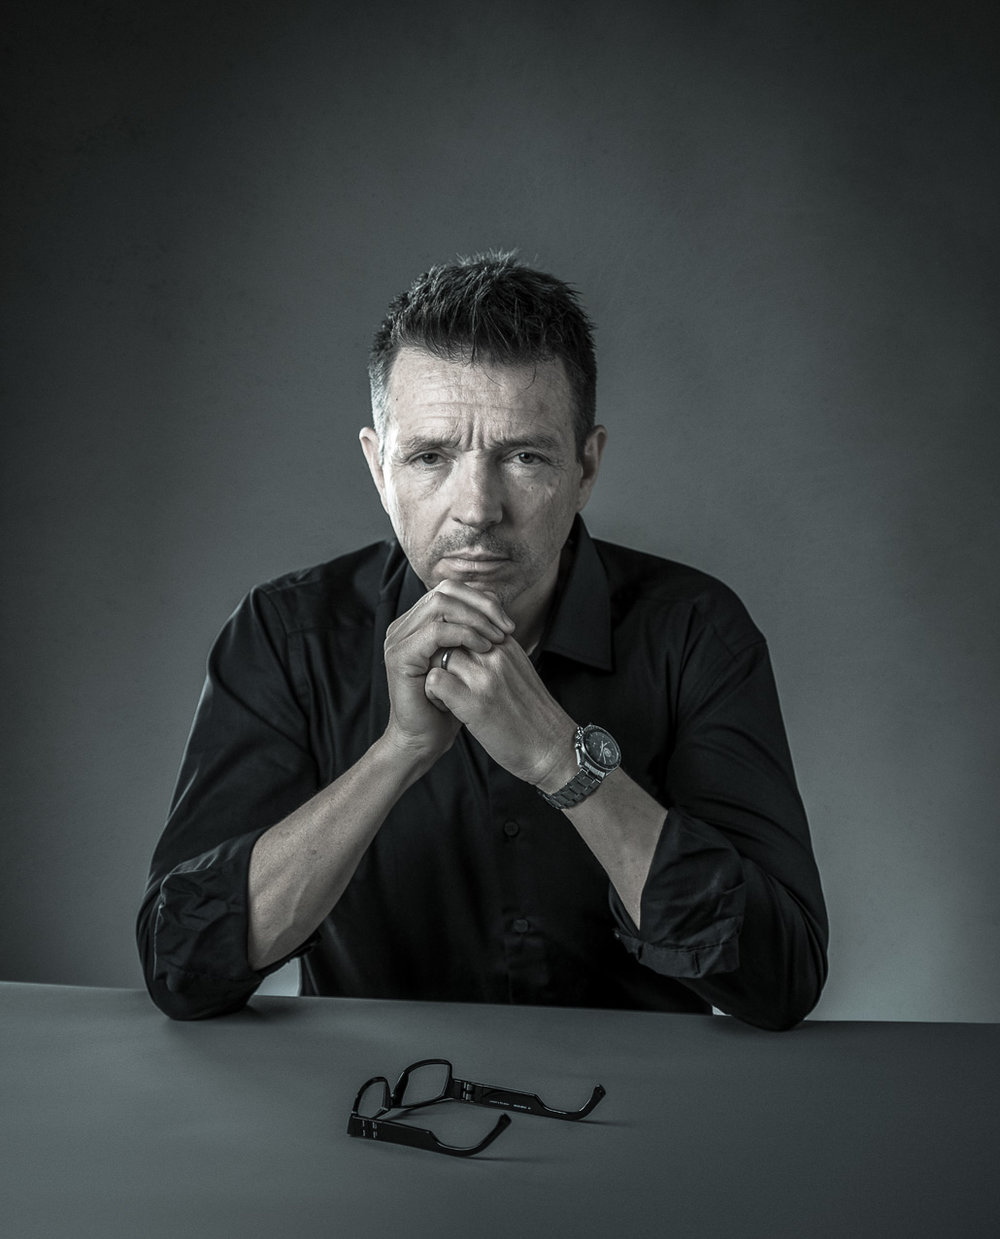 Bernard Pache